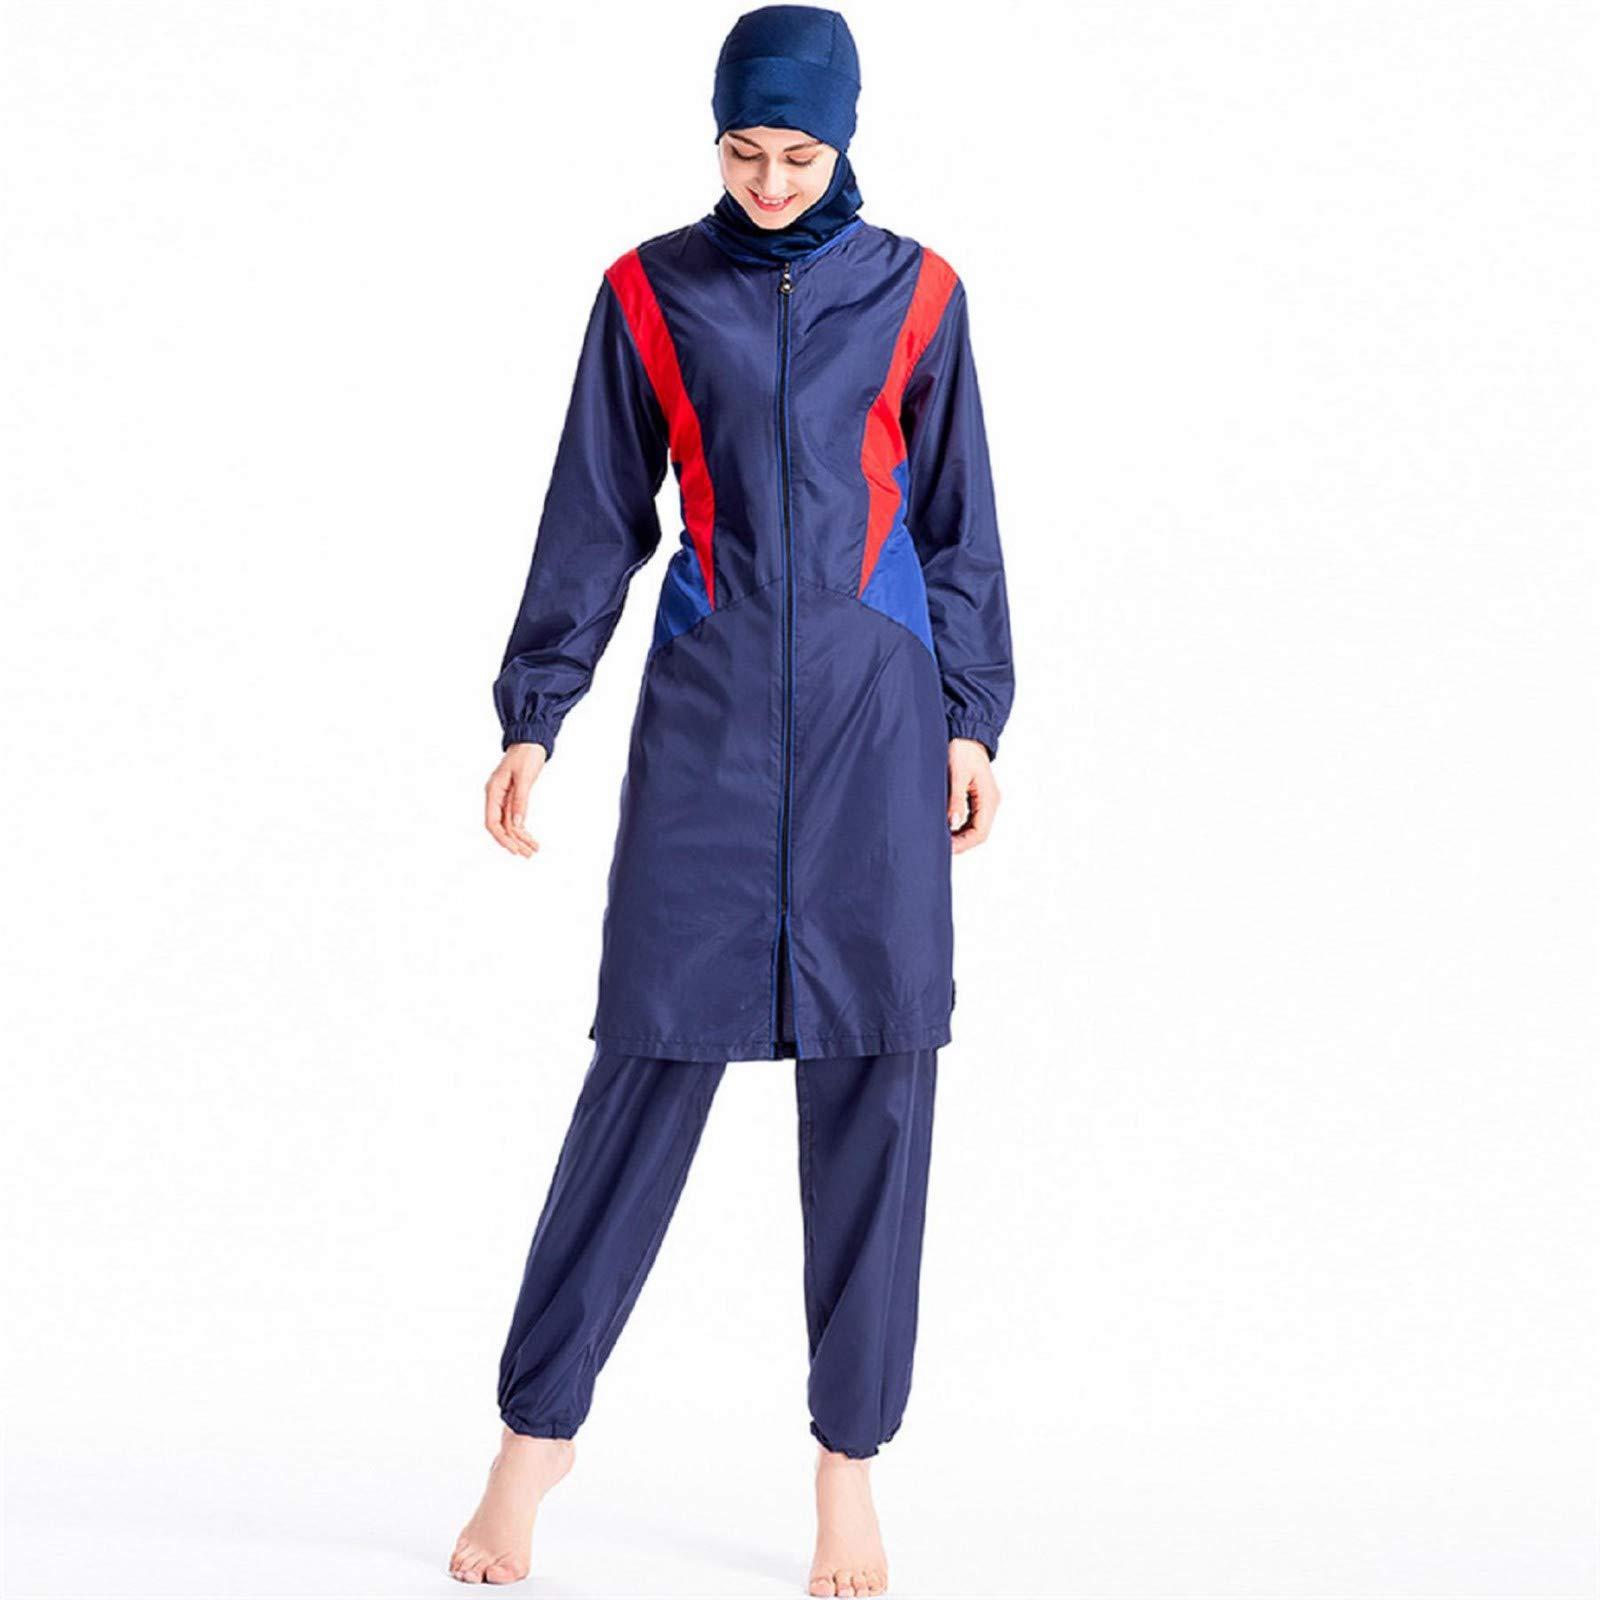 Muslim Swimwear Clothes Women,Women Muslim Bathing Suit + Cap + Pants by GUTTEAR